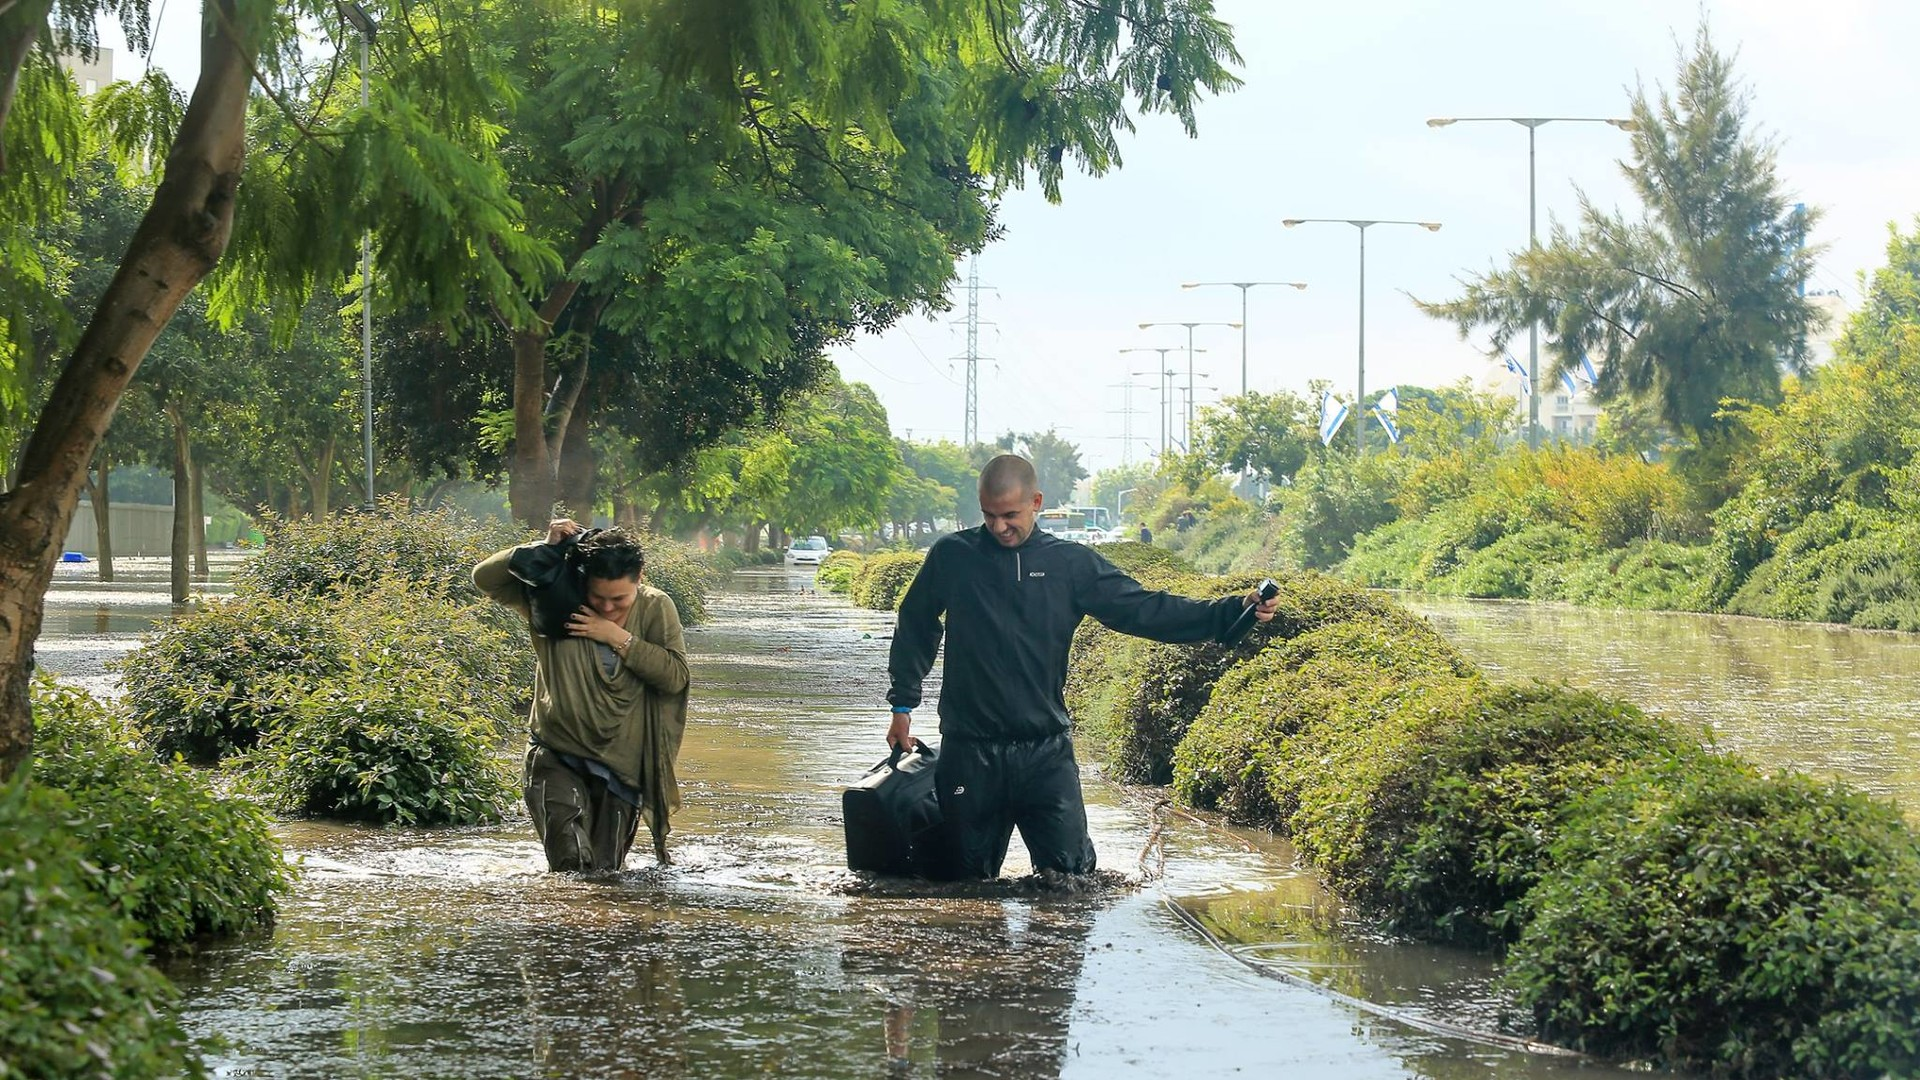 Сильные наводнения обрушились на Израиль после одного из самых дождливых дней в истории страны  - фото 8